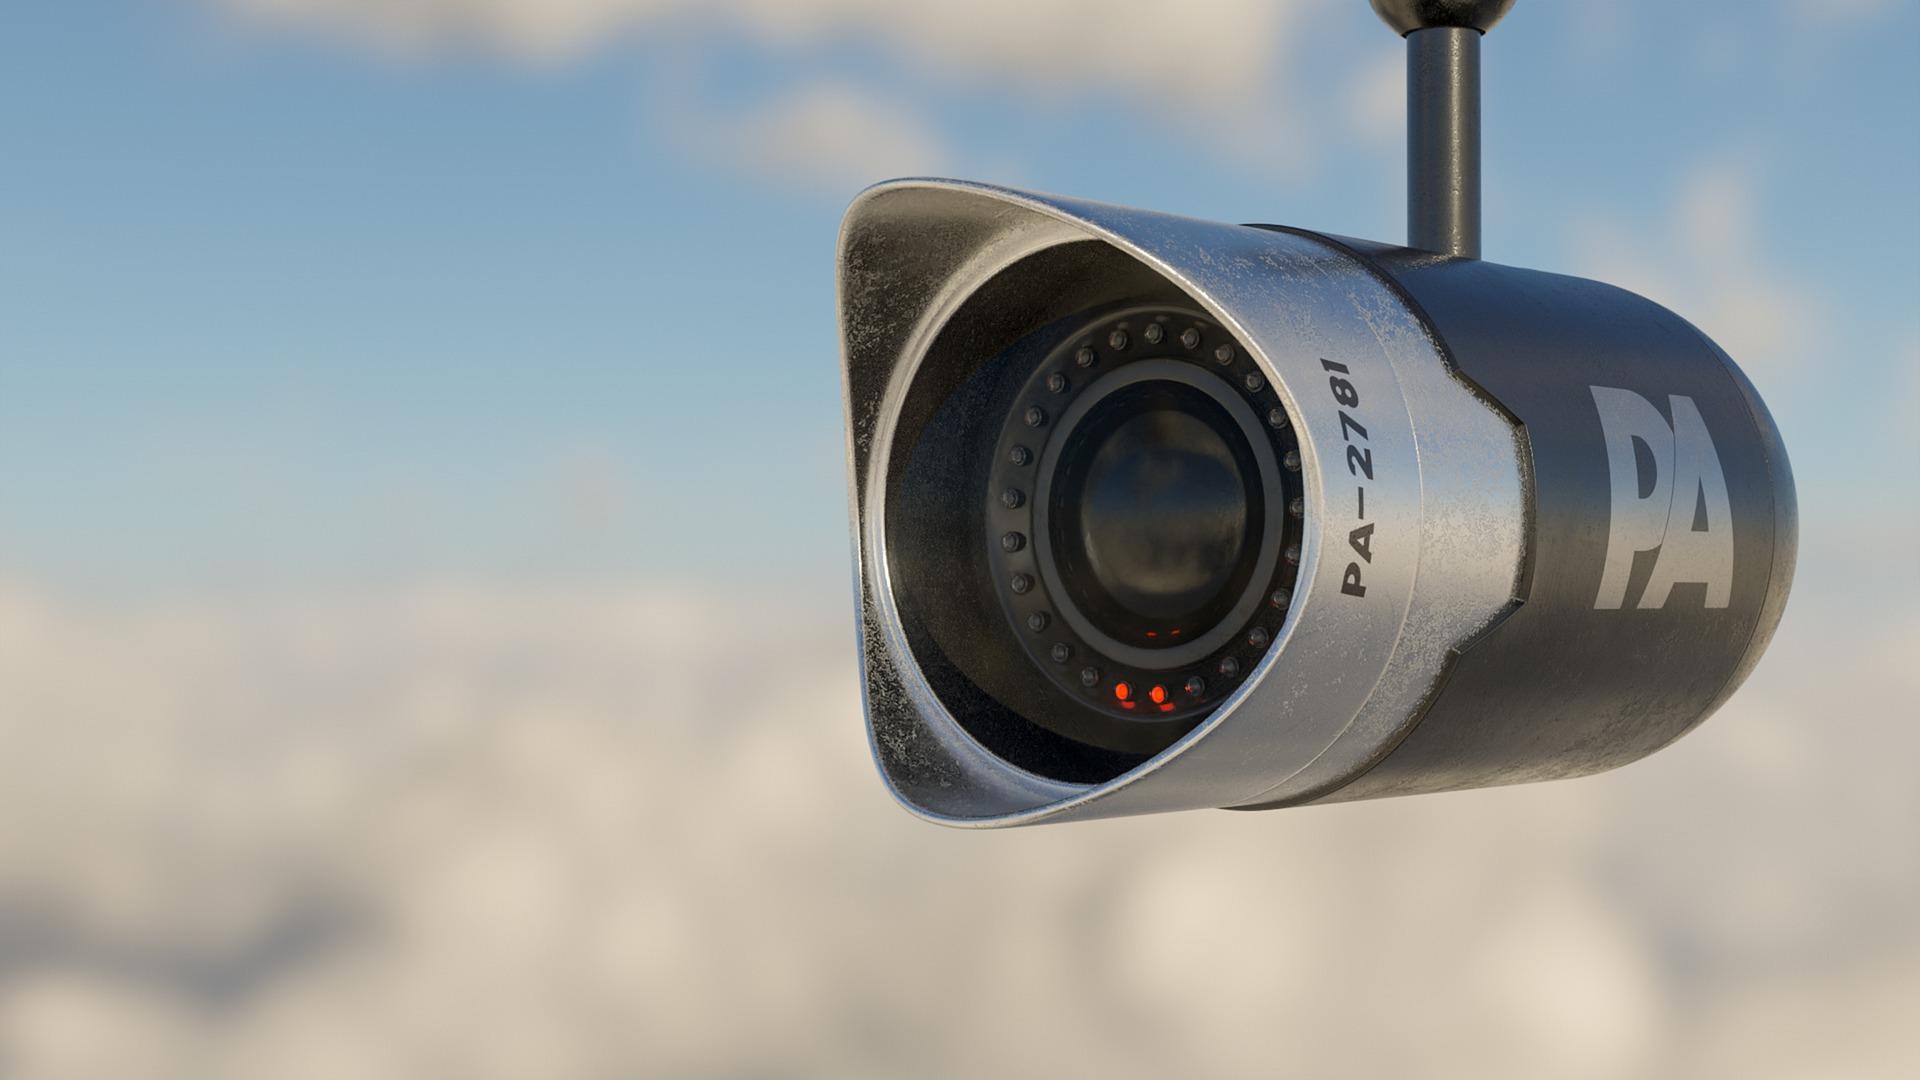 Comment choisir une caméra avec détecteur de mouvement?